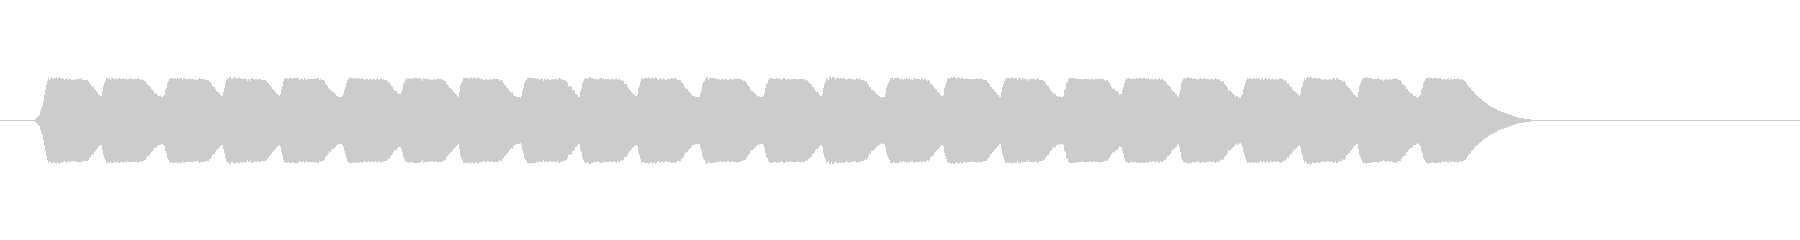 ファミコン風 台詞.メッセージ音 03の未再生の波形